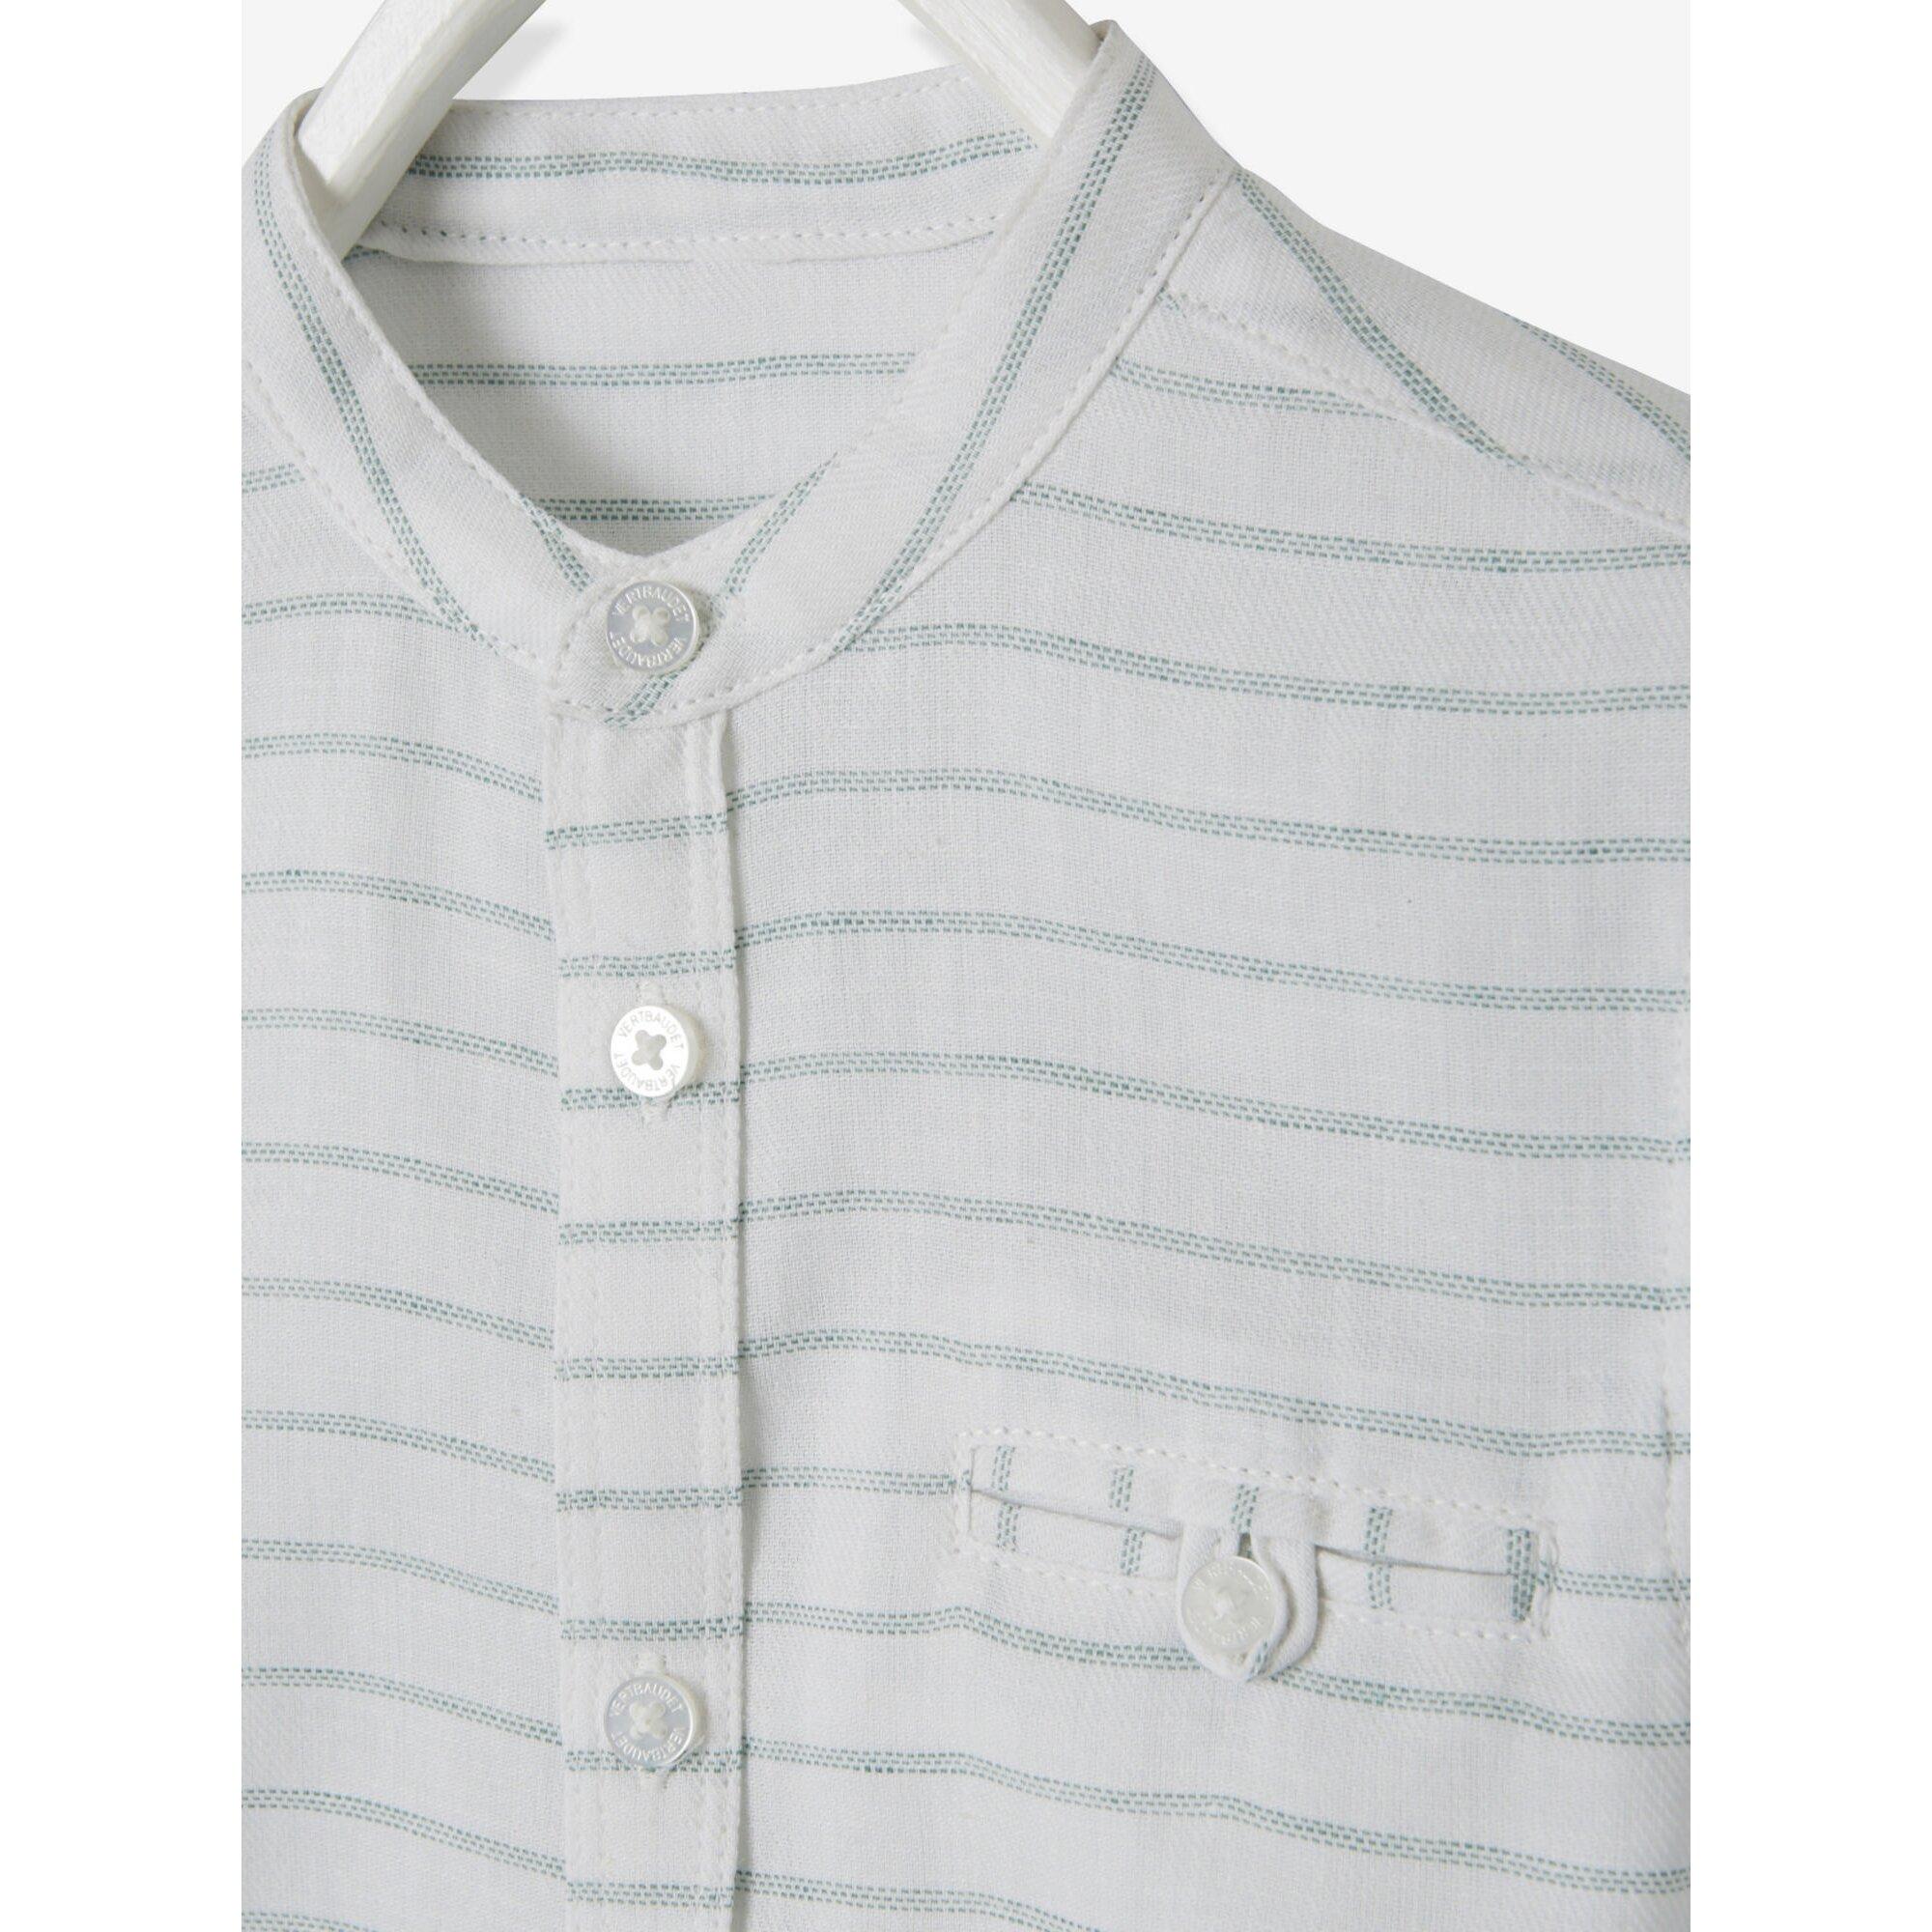 vertbaudet-festliches-jungen-hemd-baumwolle-leinen